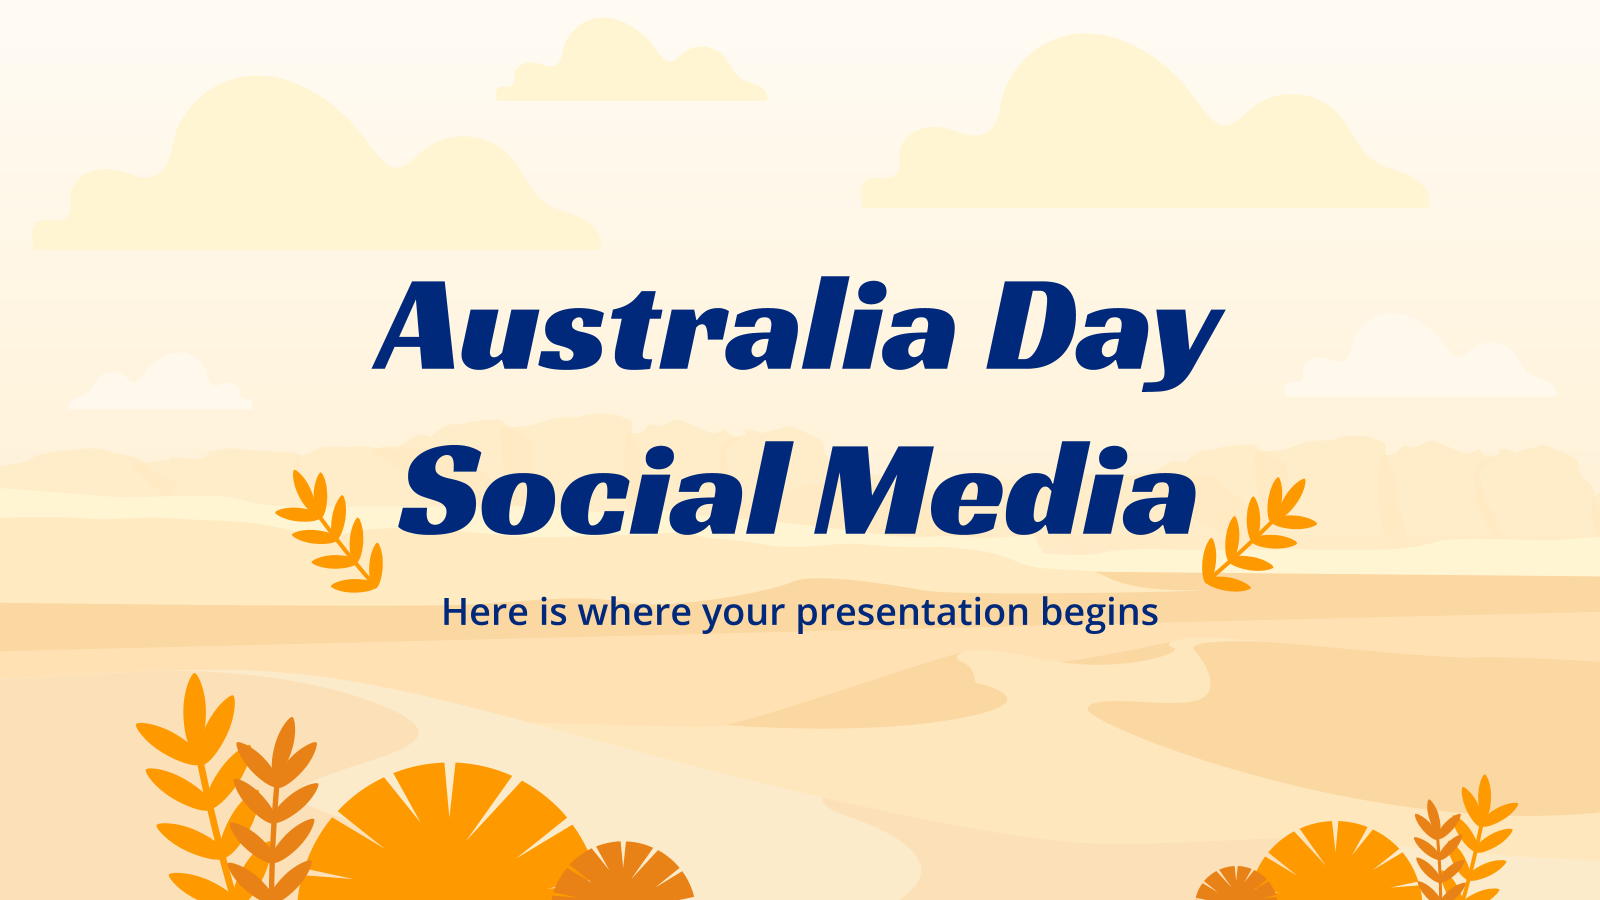 Plantilla de presentación Día de Australia en redes sociales